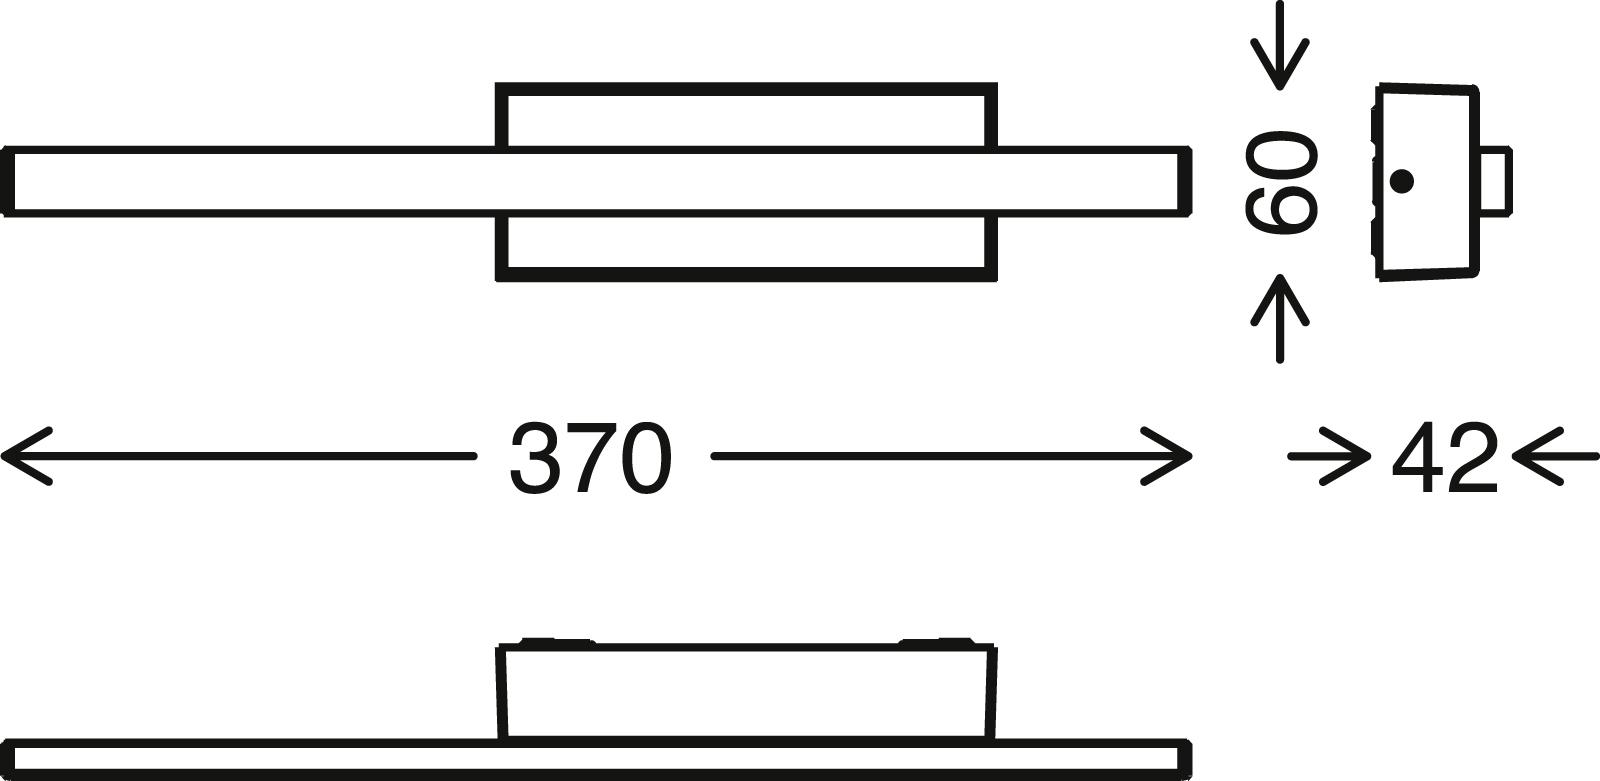 TELEFUNKEN LED Aussenwandleuchte, 37 cm, 4 W, Weiss